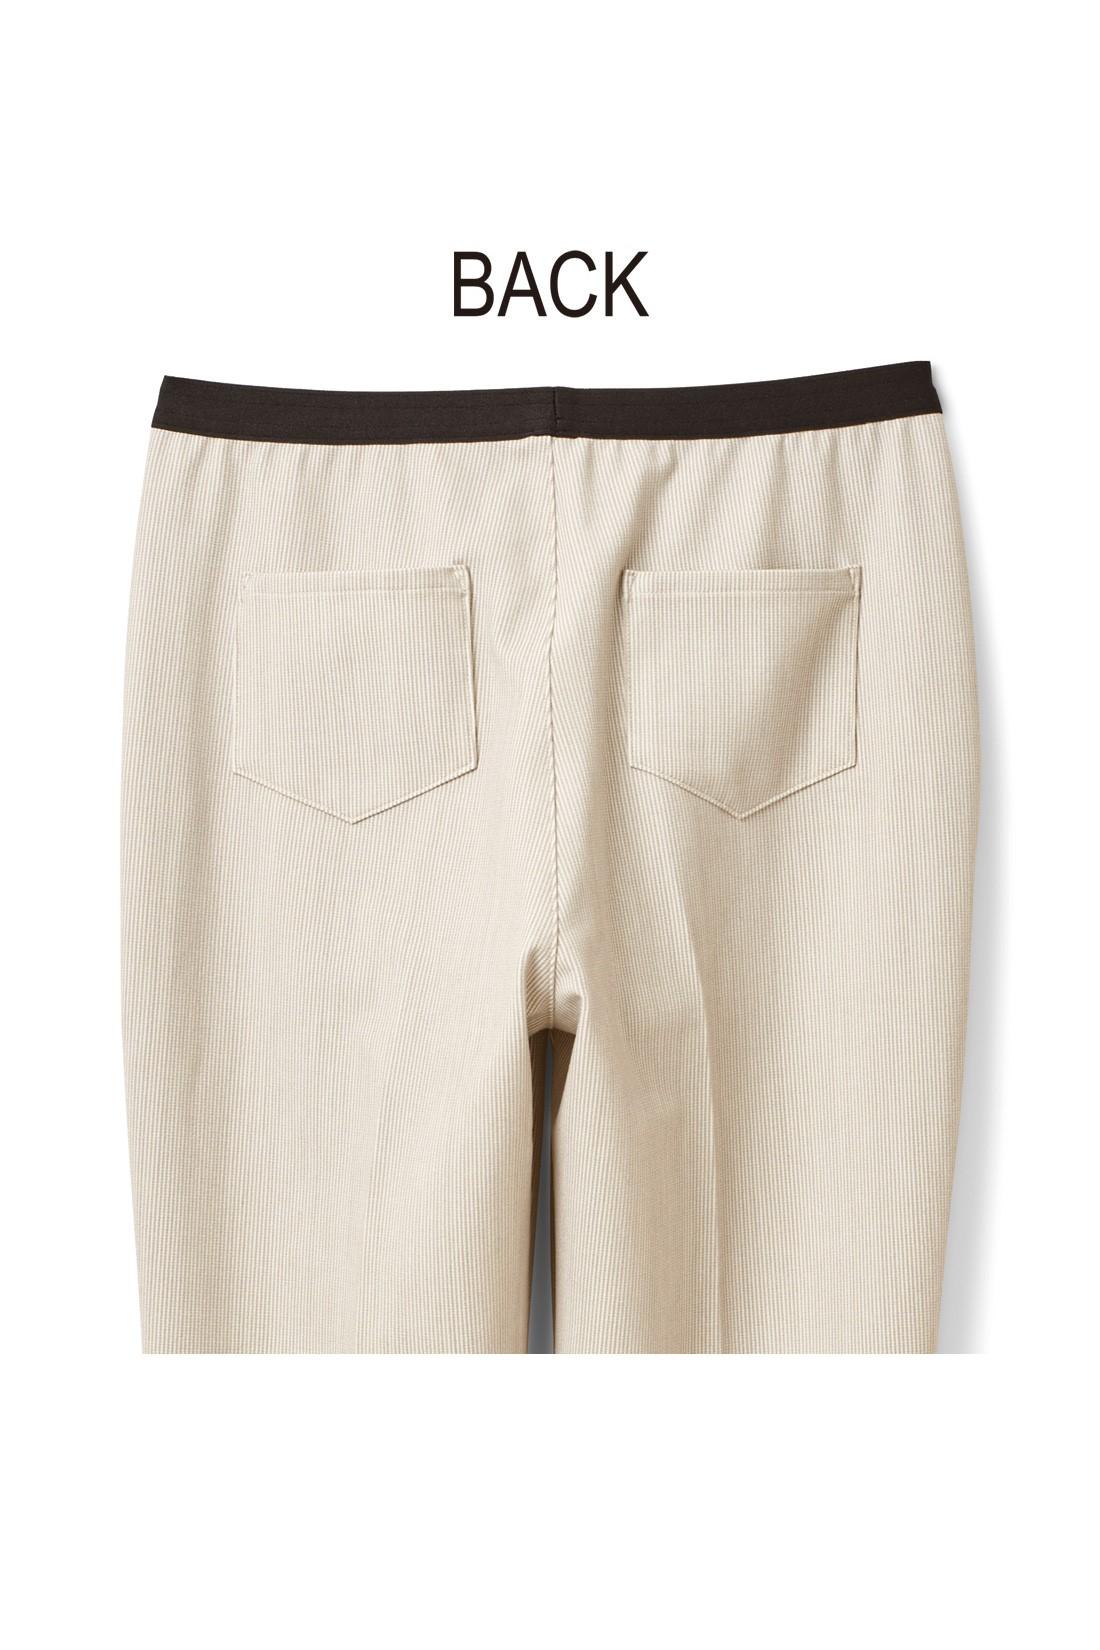 後ろはヒップラインをカバーするポケット付き。ウエストは平ゴムできちんと見えるけどラクちんな仕様。 ※お届けするカラーとは異なります。